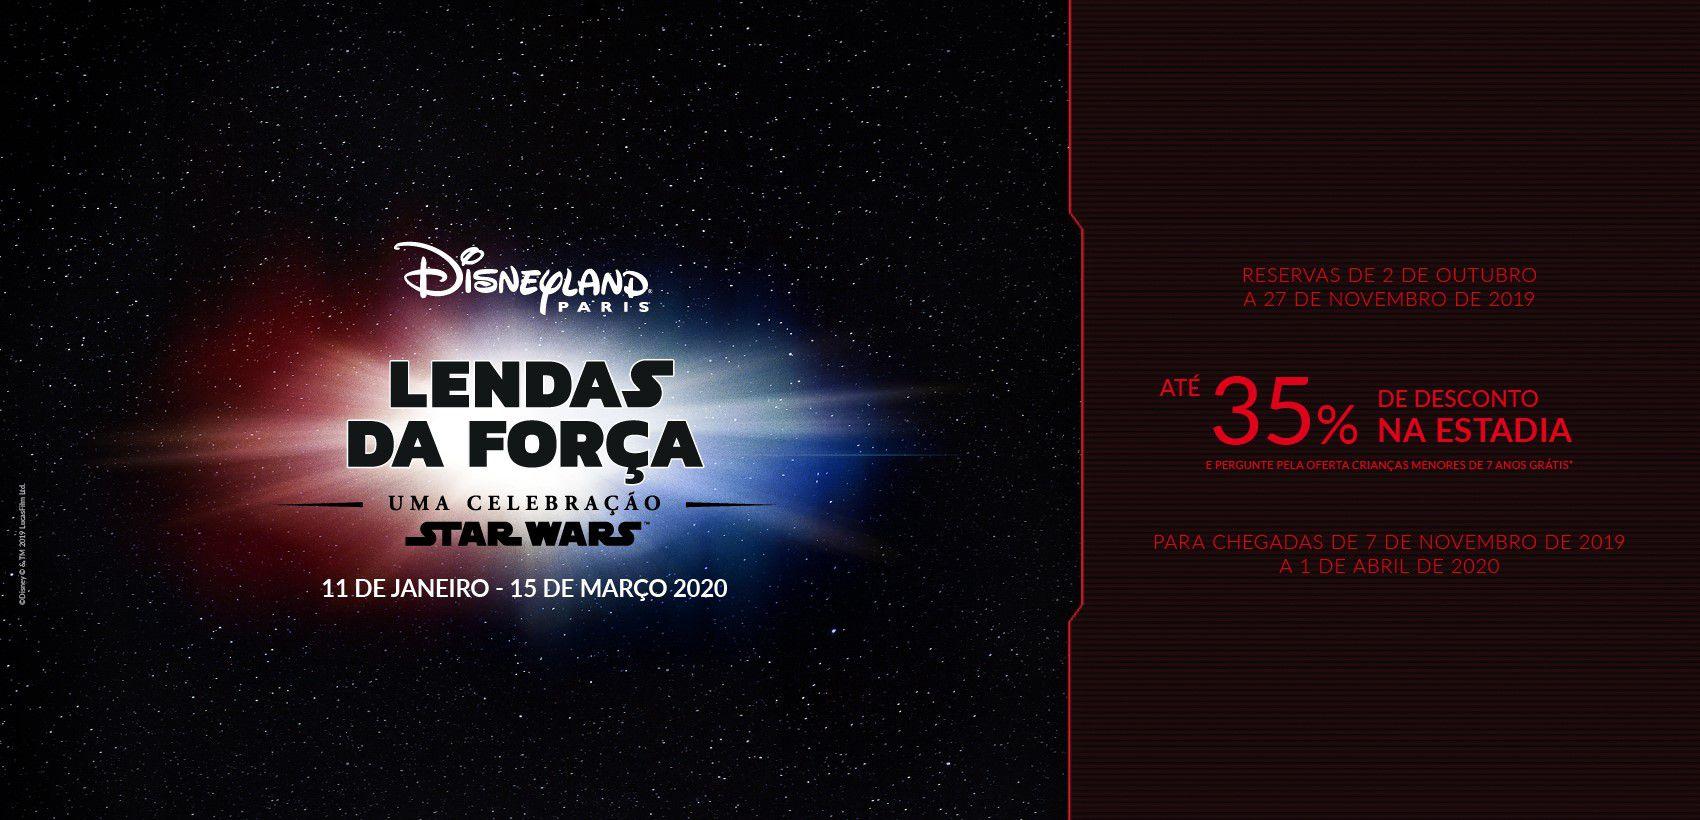 Disneyland®Paris: Alojamento+Entradas  (03.10.19 a 01.04.20)